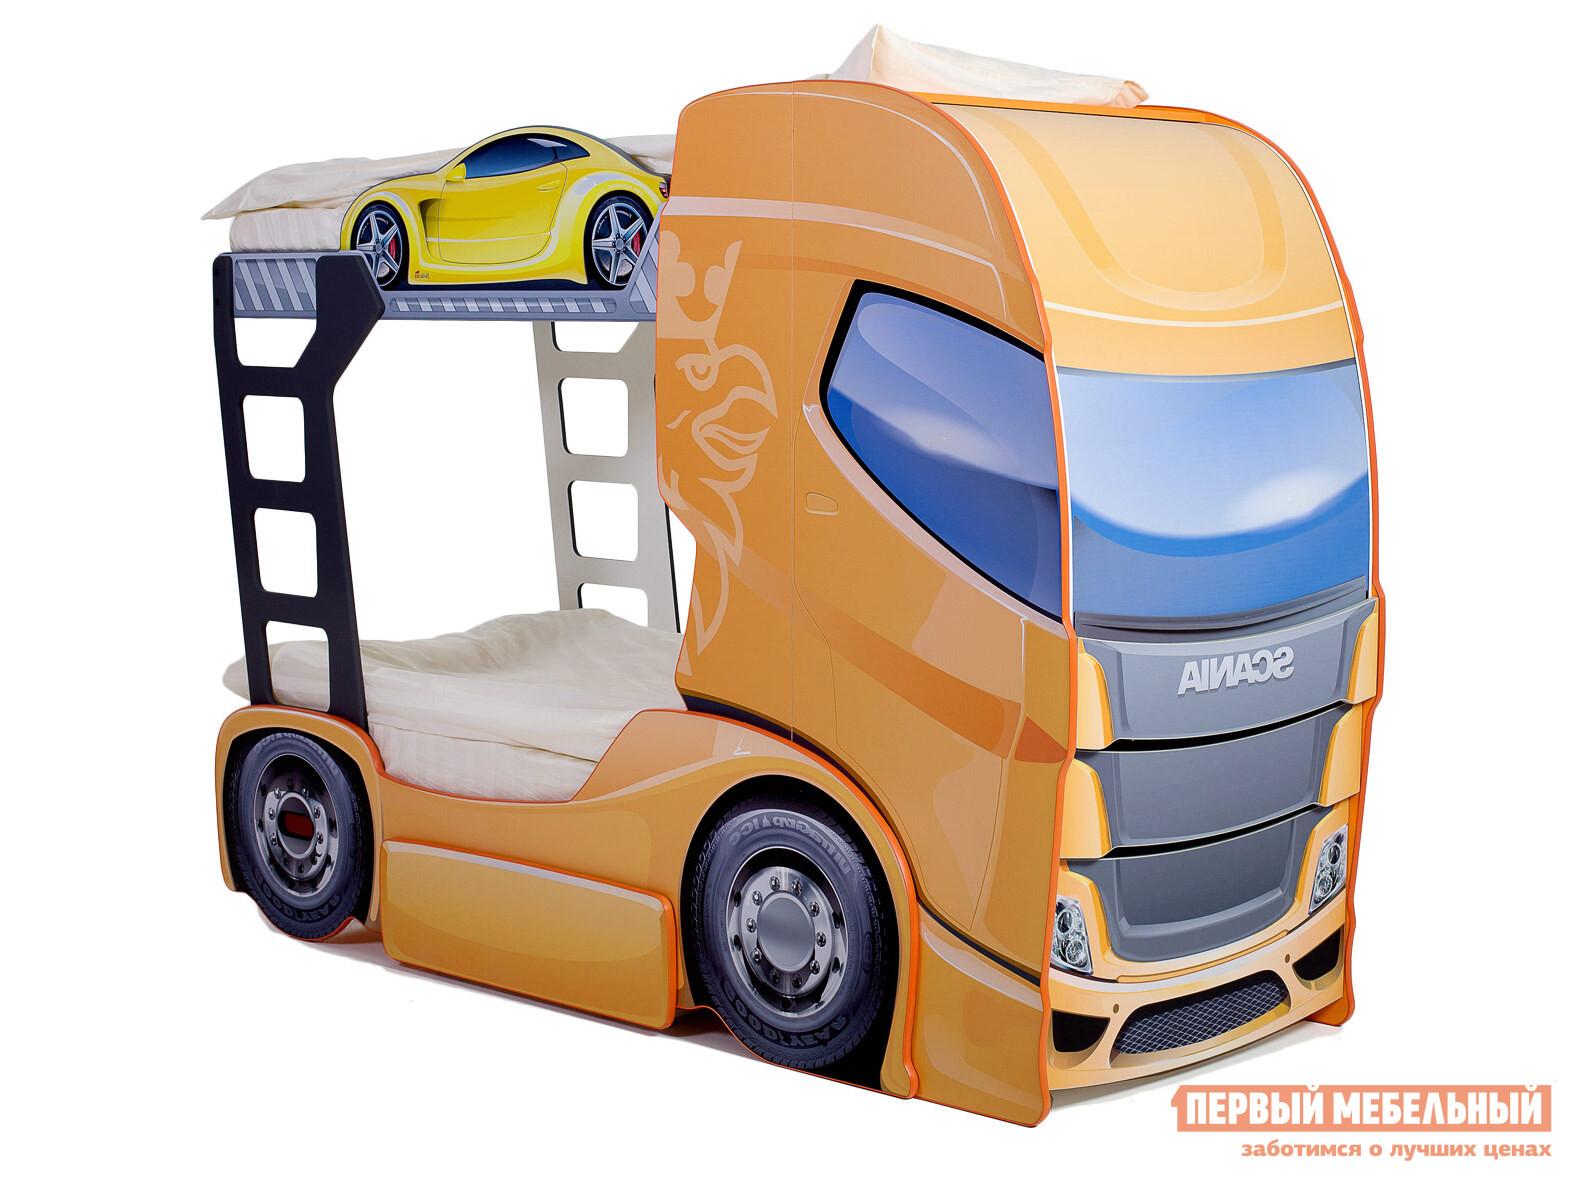 Детская двухъярусная кровать-машина Bed-mobile Скания+2 детская кровать машина 3d bed mobile мерседес